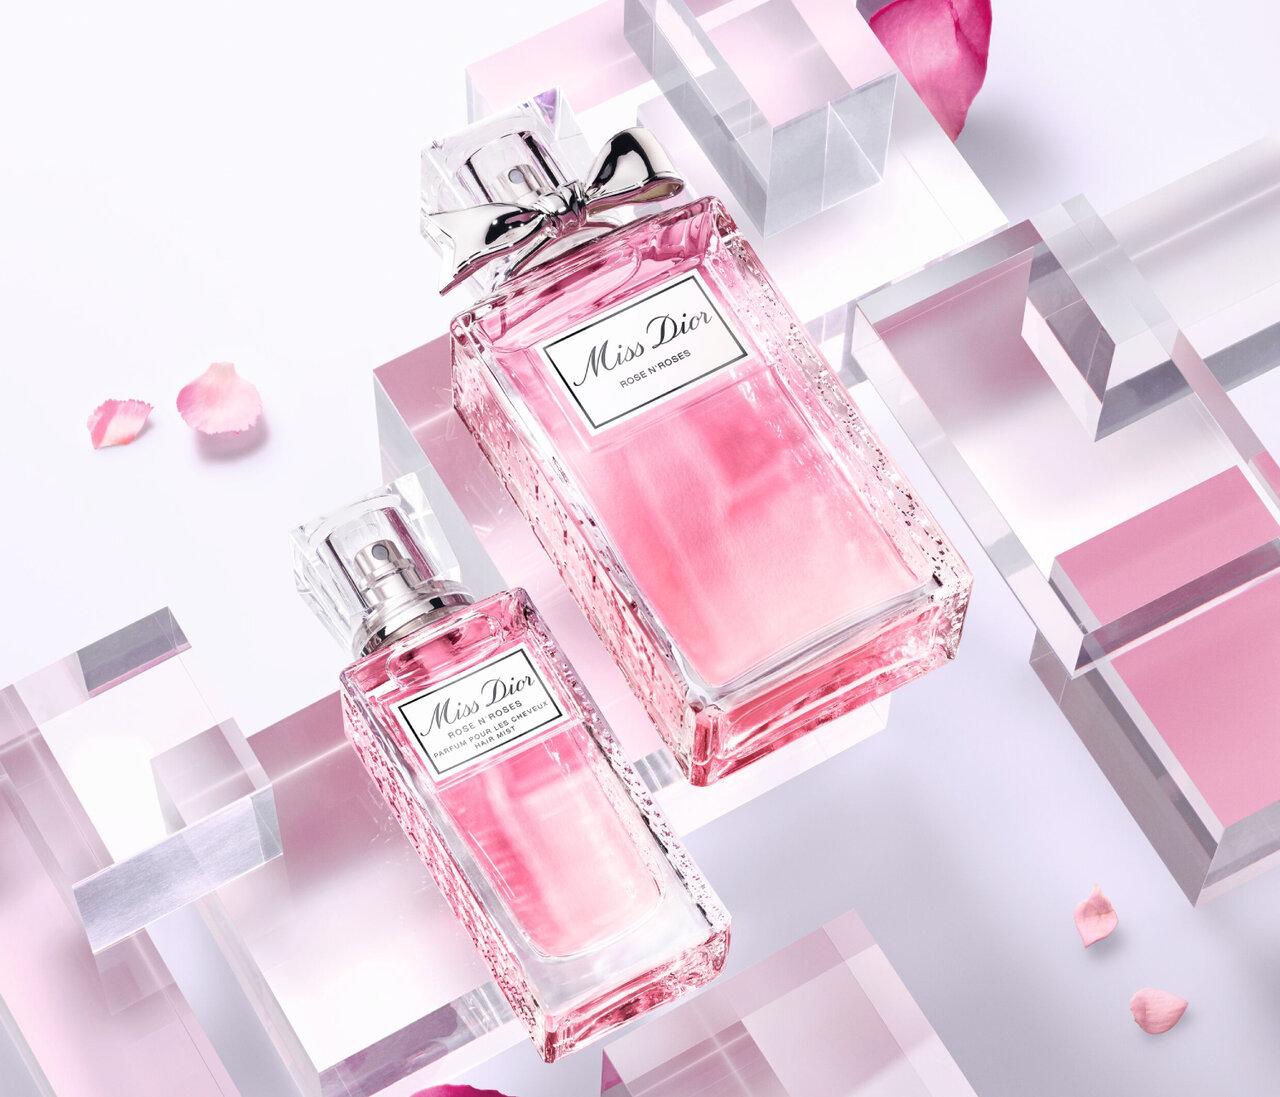 Dior「ミス ディオール ローズ&ローズ ヘアミスト」